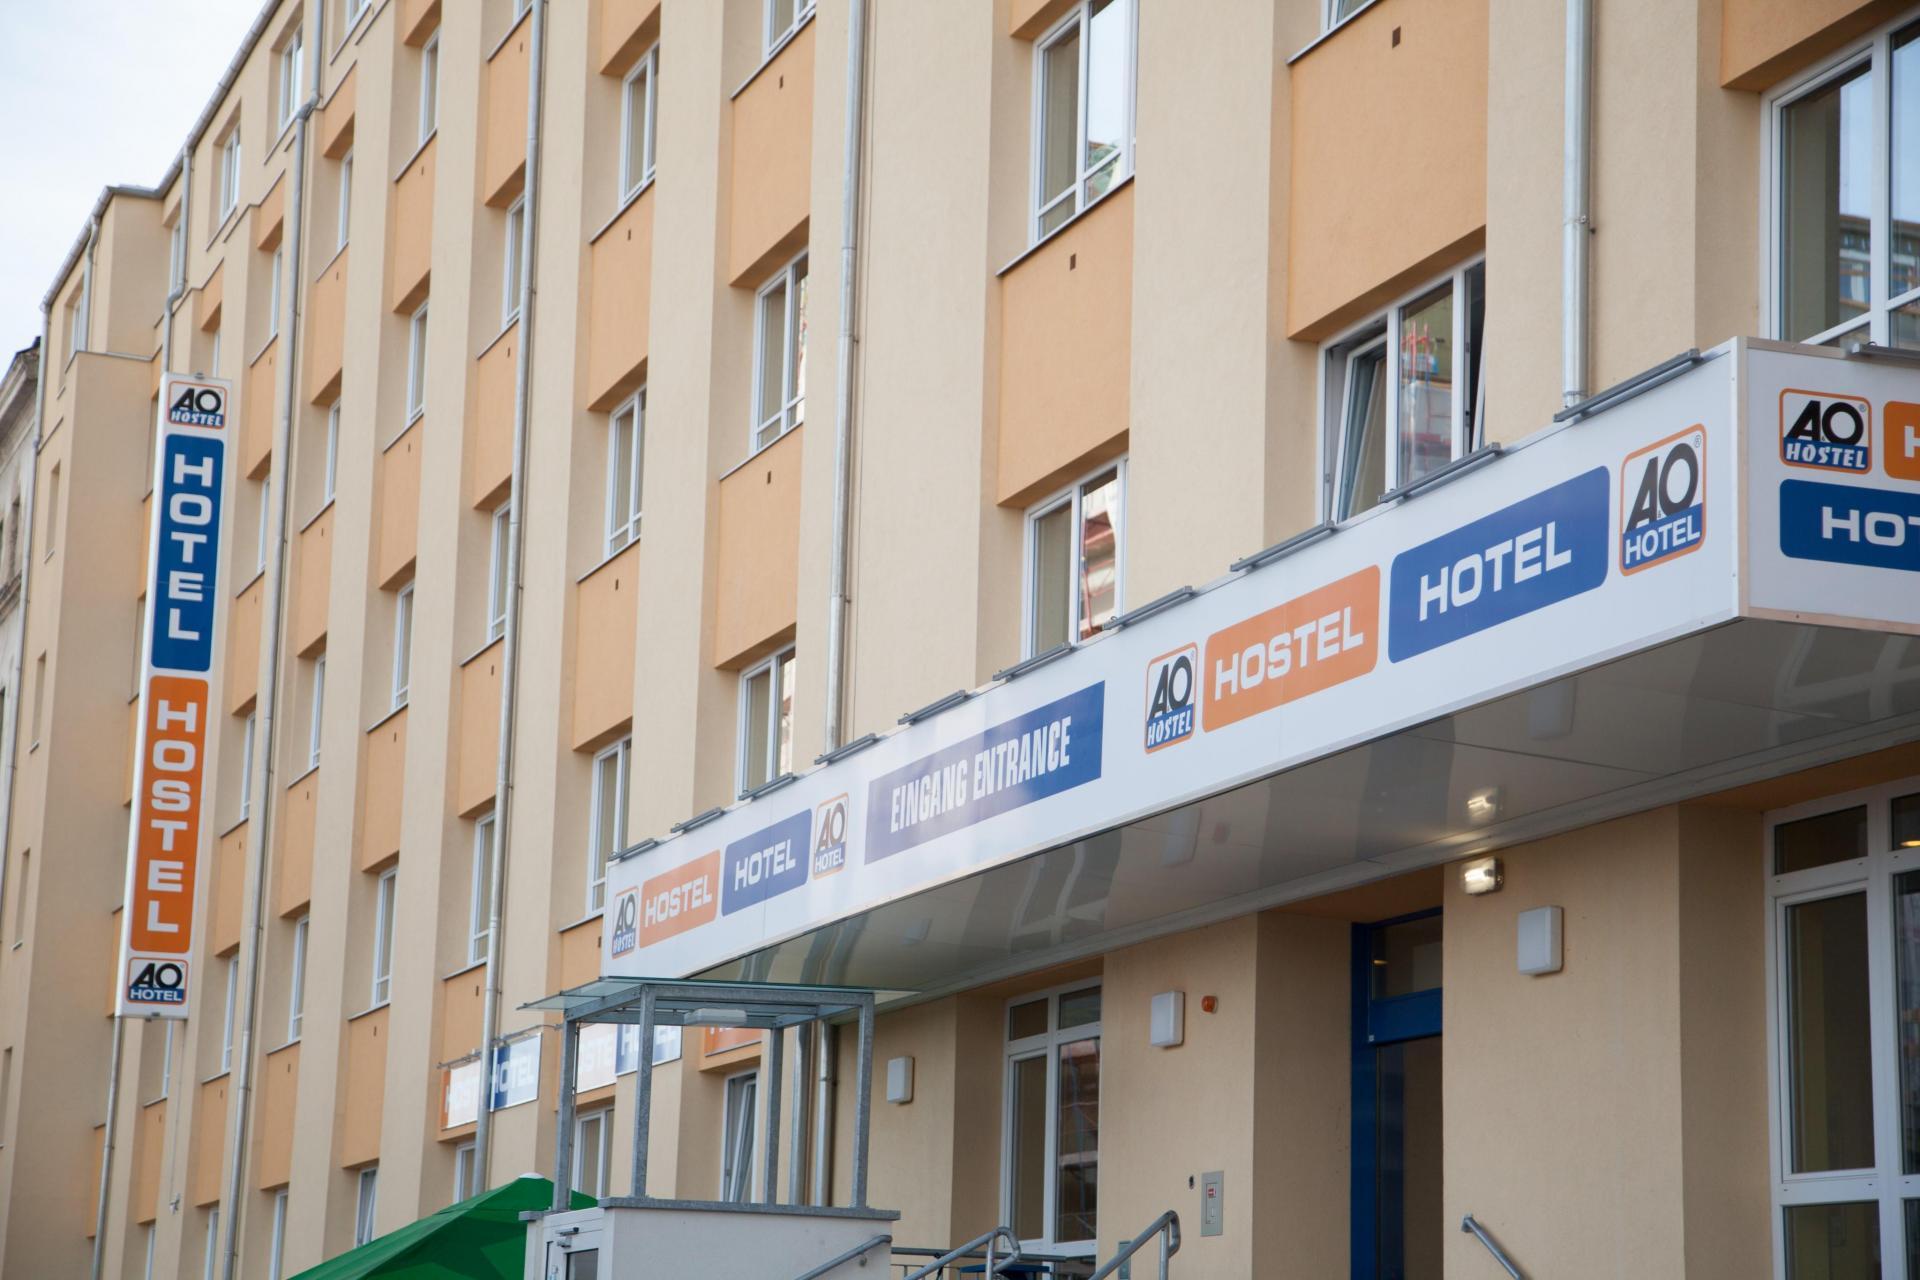 A&O Wien Hauptbahnhof Hostel